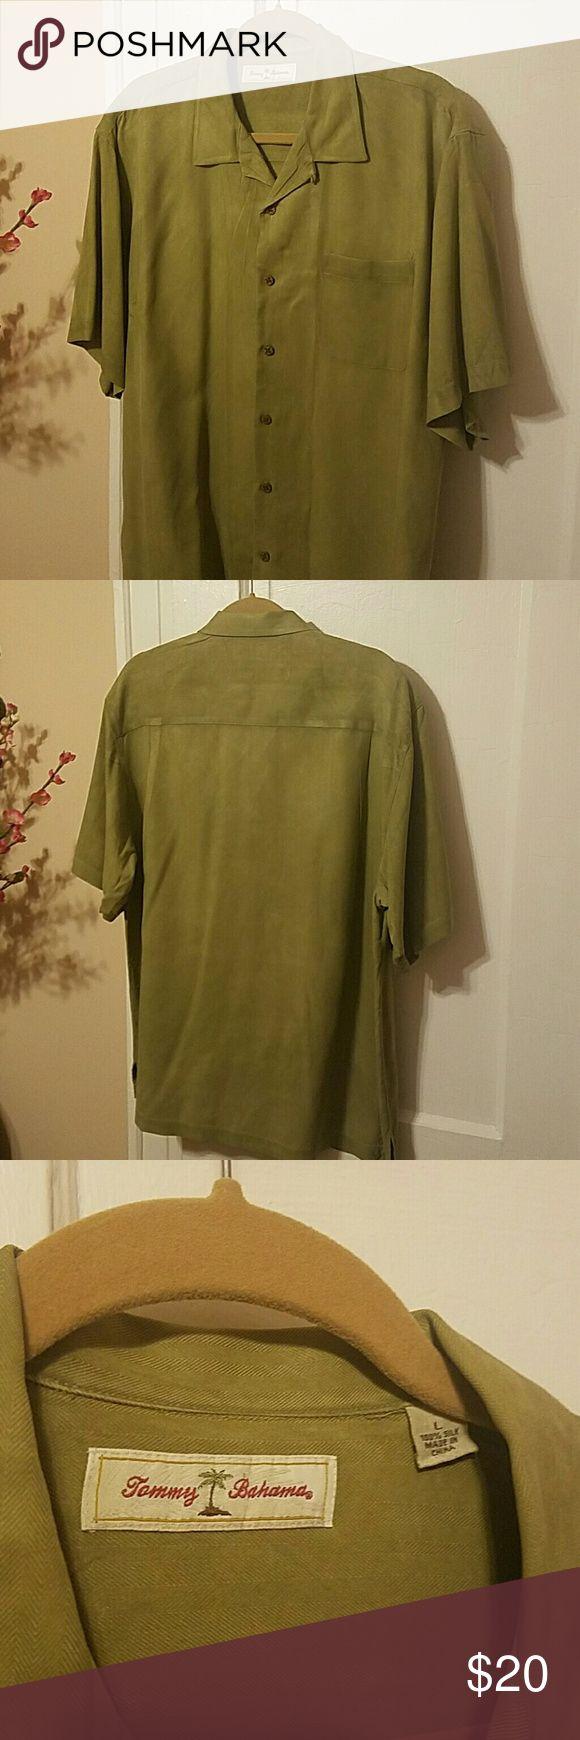 TOMMY BAHAMA Silk Shirt Short sleeve button down shirt 100% Silk in khaki green. Tommy Bahama Shirts Casual Button Down Shirts